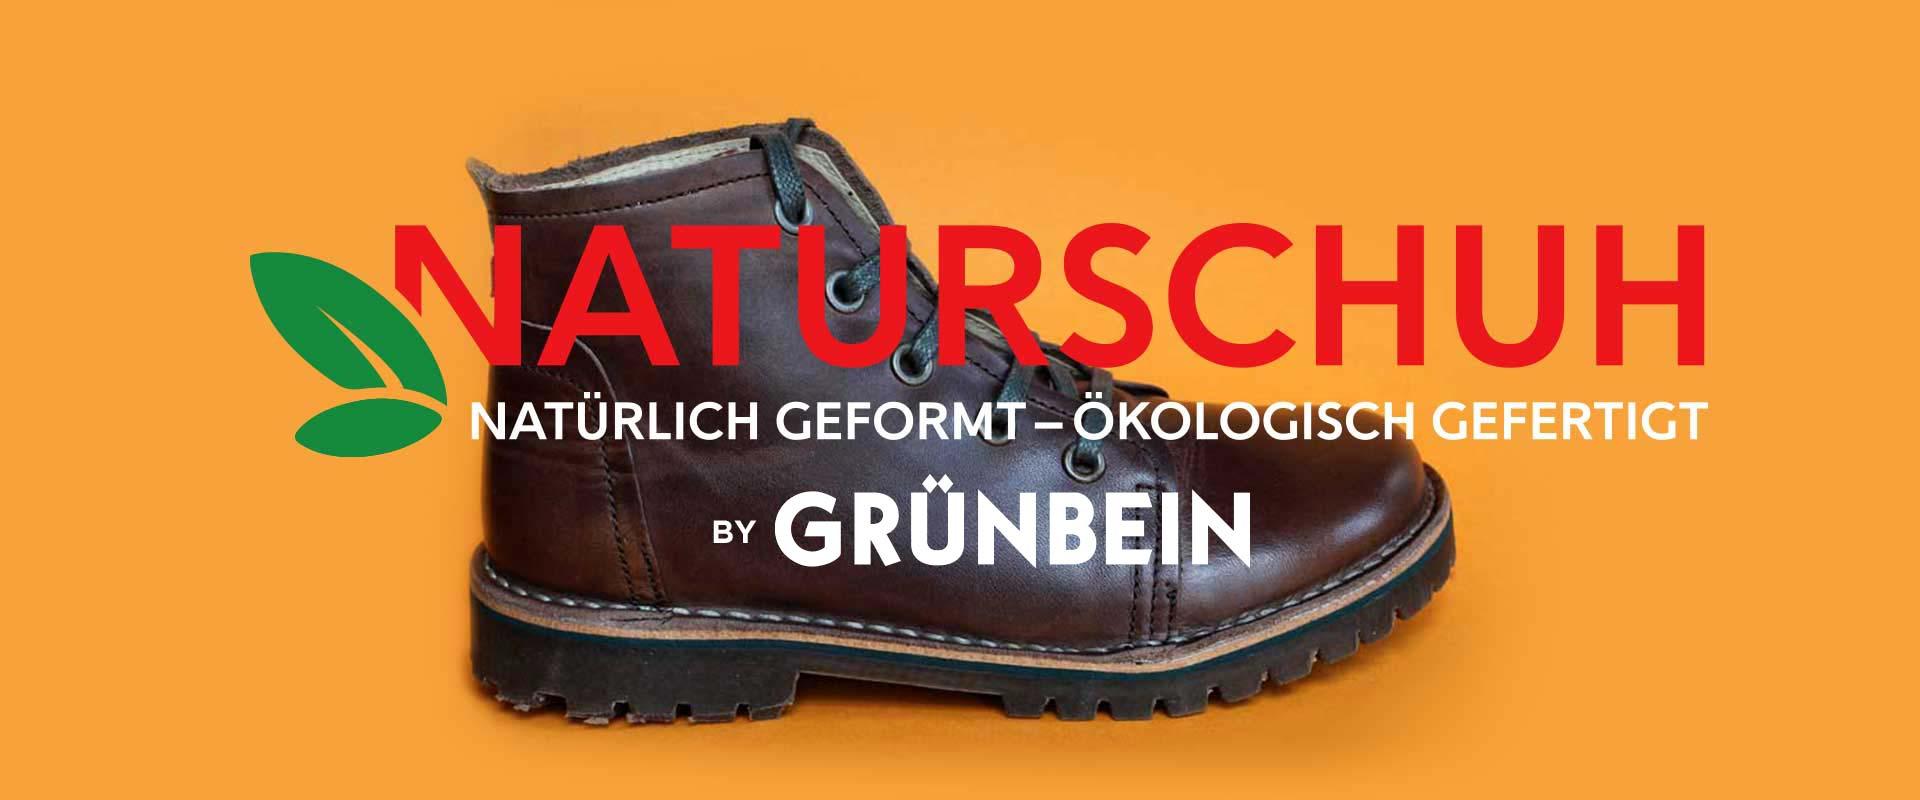 NATURSCHUH BY GRÜNBEIN